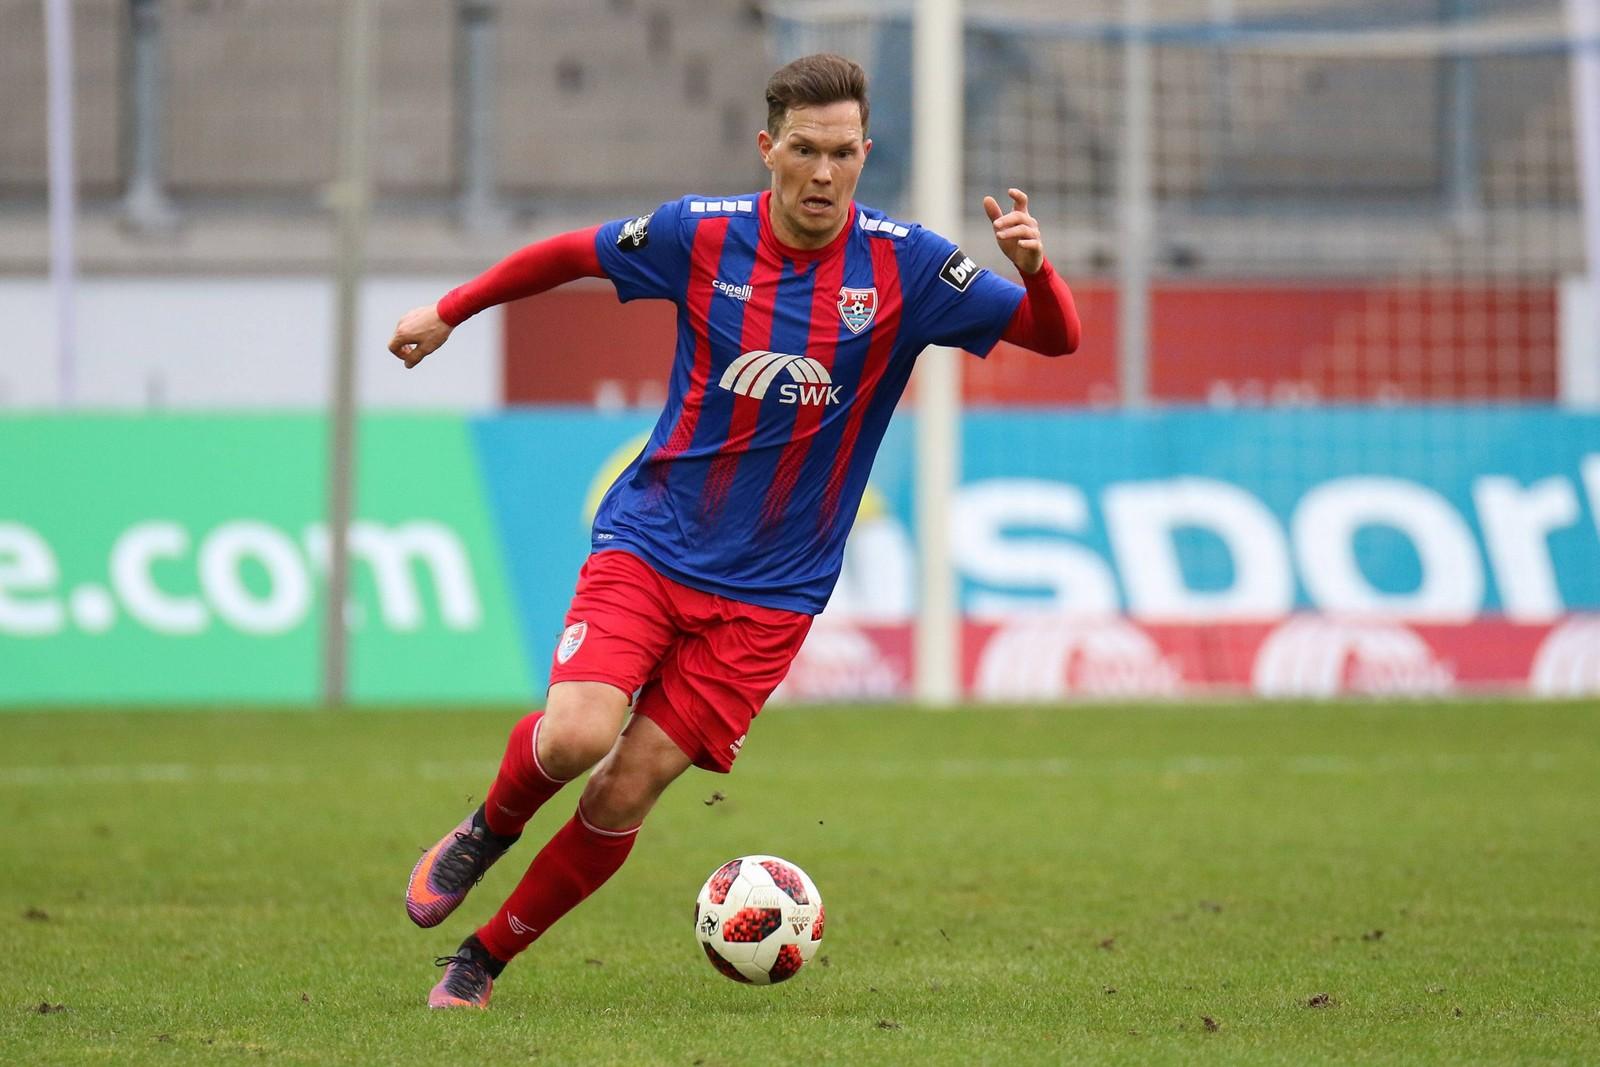 Robert Müller lief nur zwei Mal für Uerdingen in der 3. Liga auf.